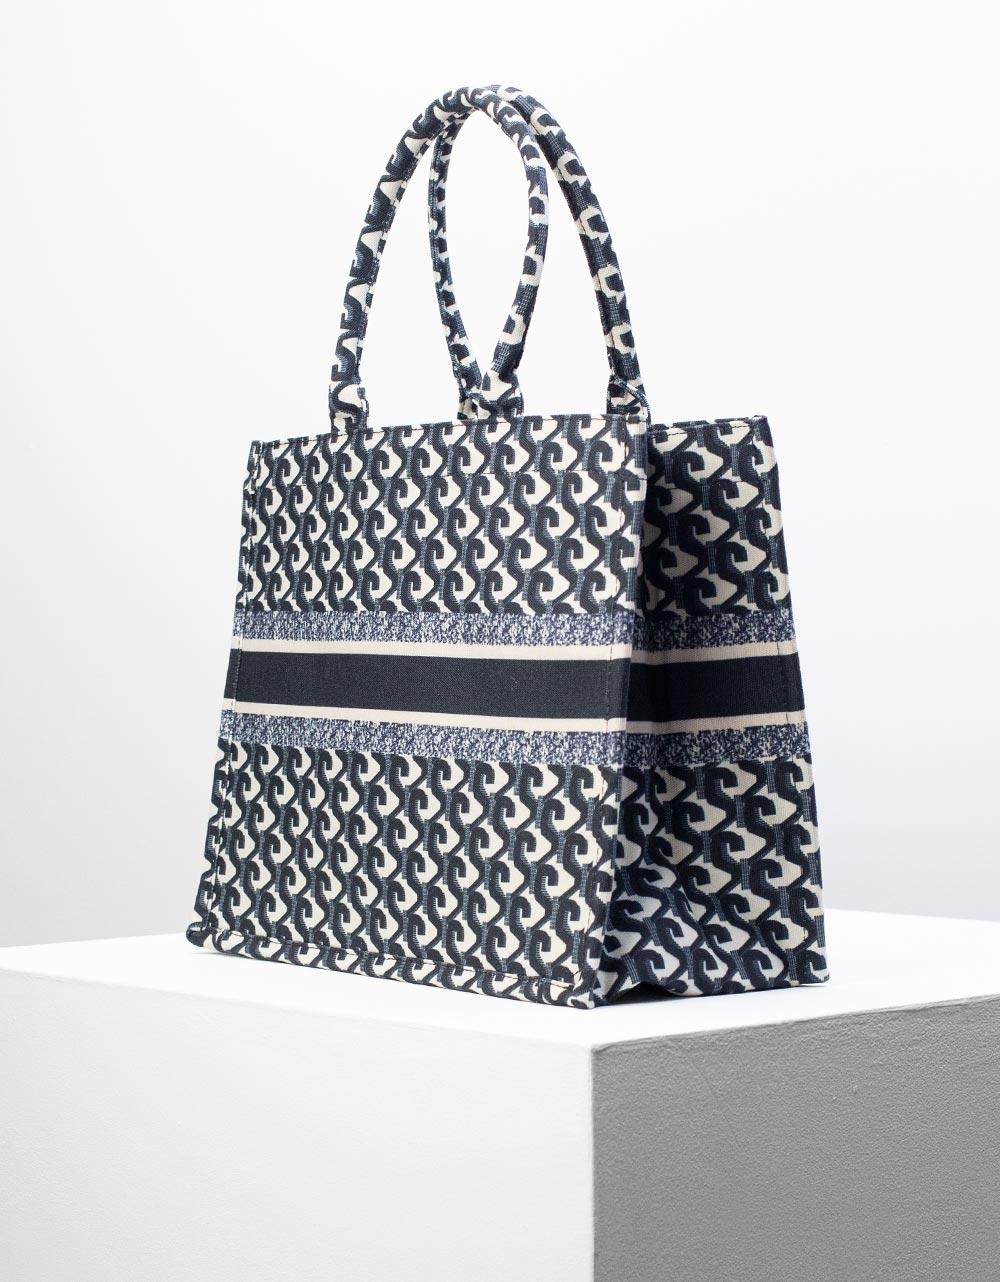 Εικόνα από Γυναικεία τσάντα χειρός με σχέδια Μαύρο